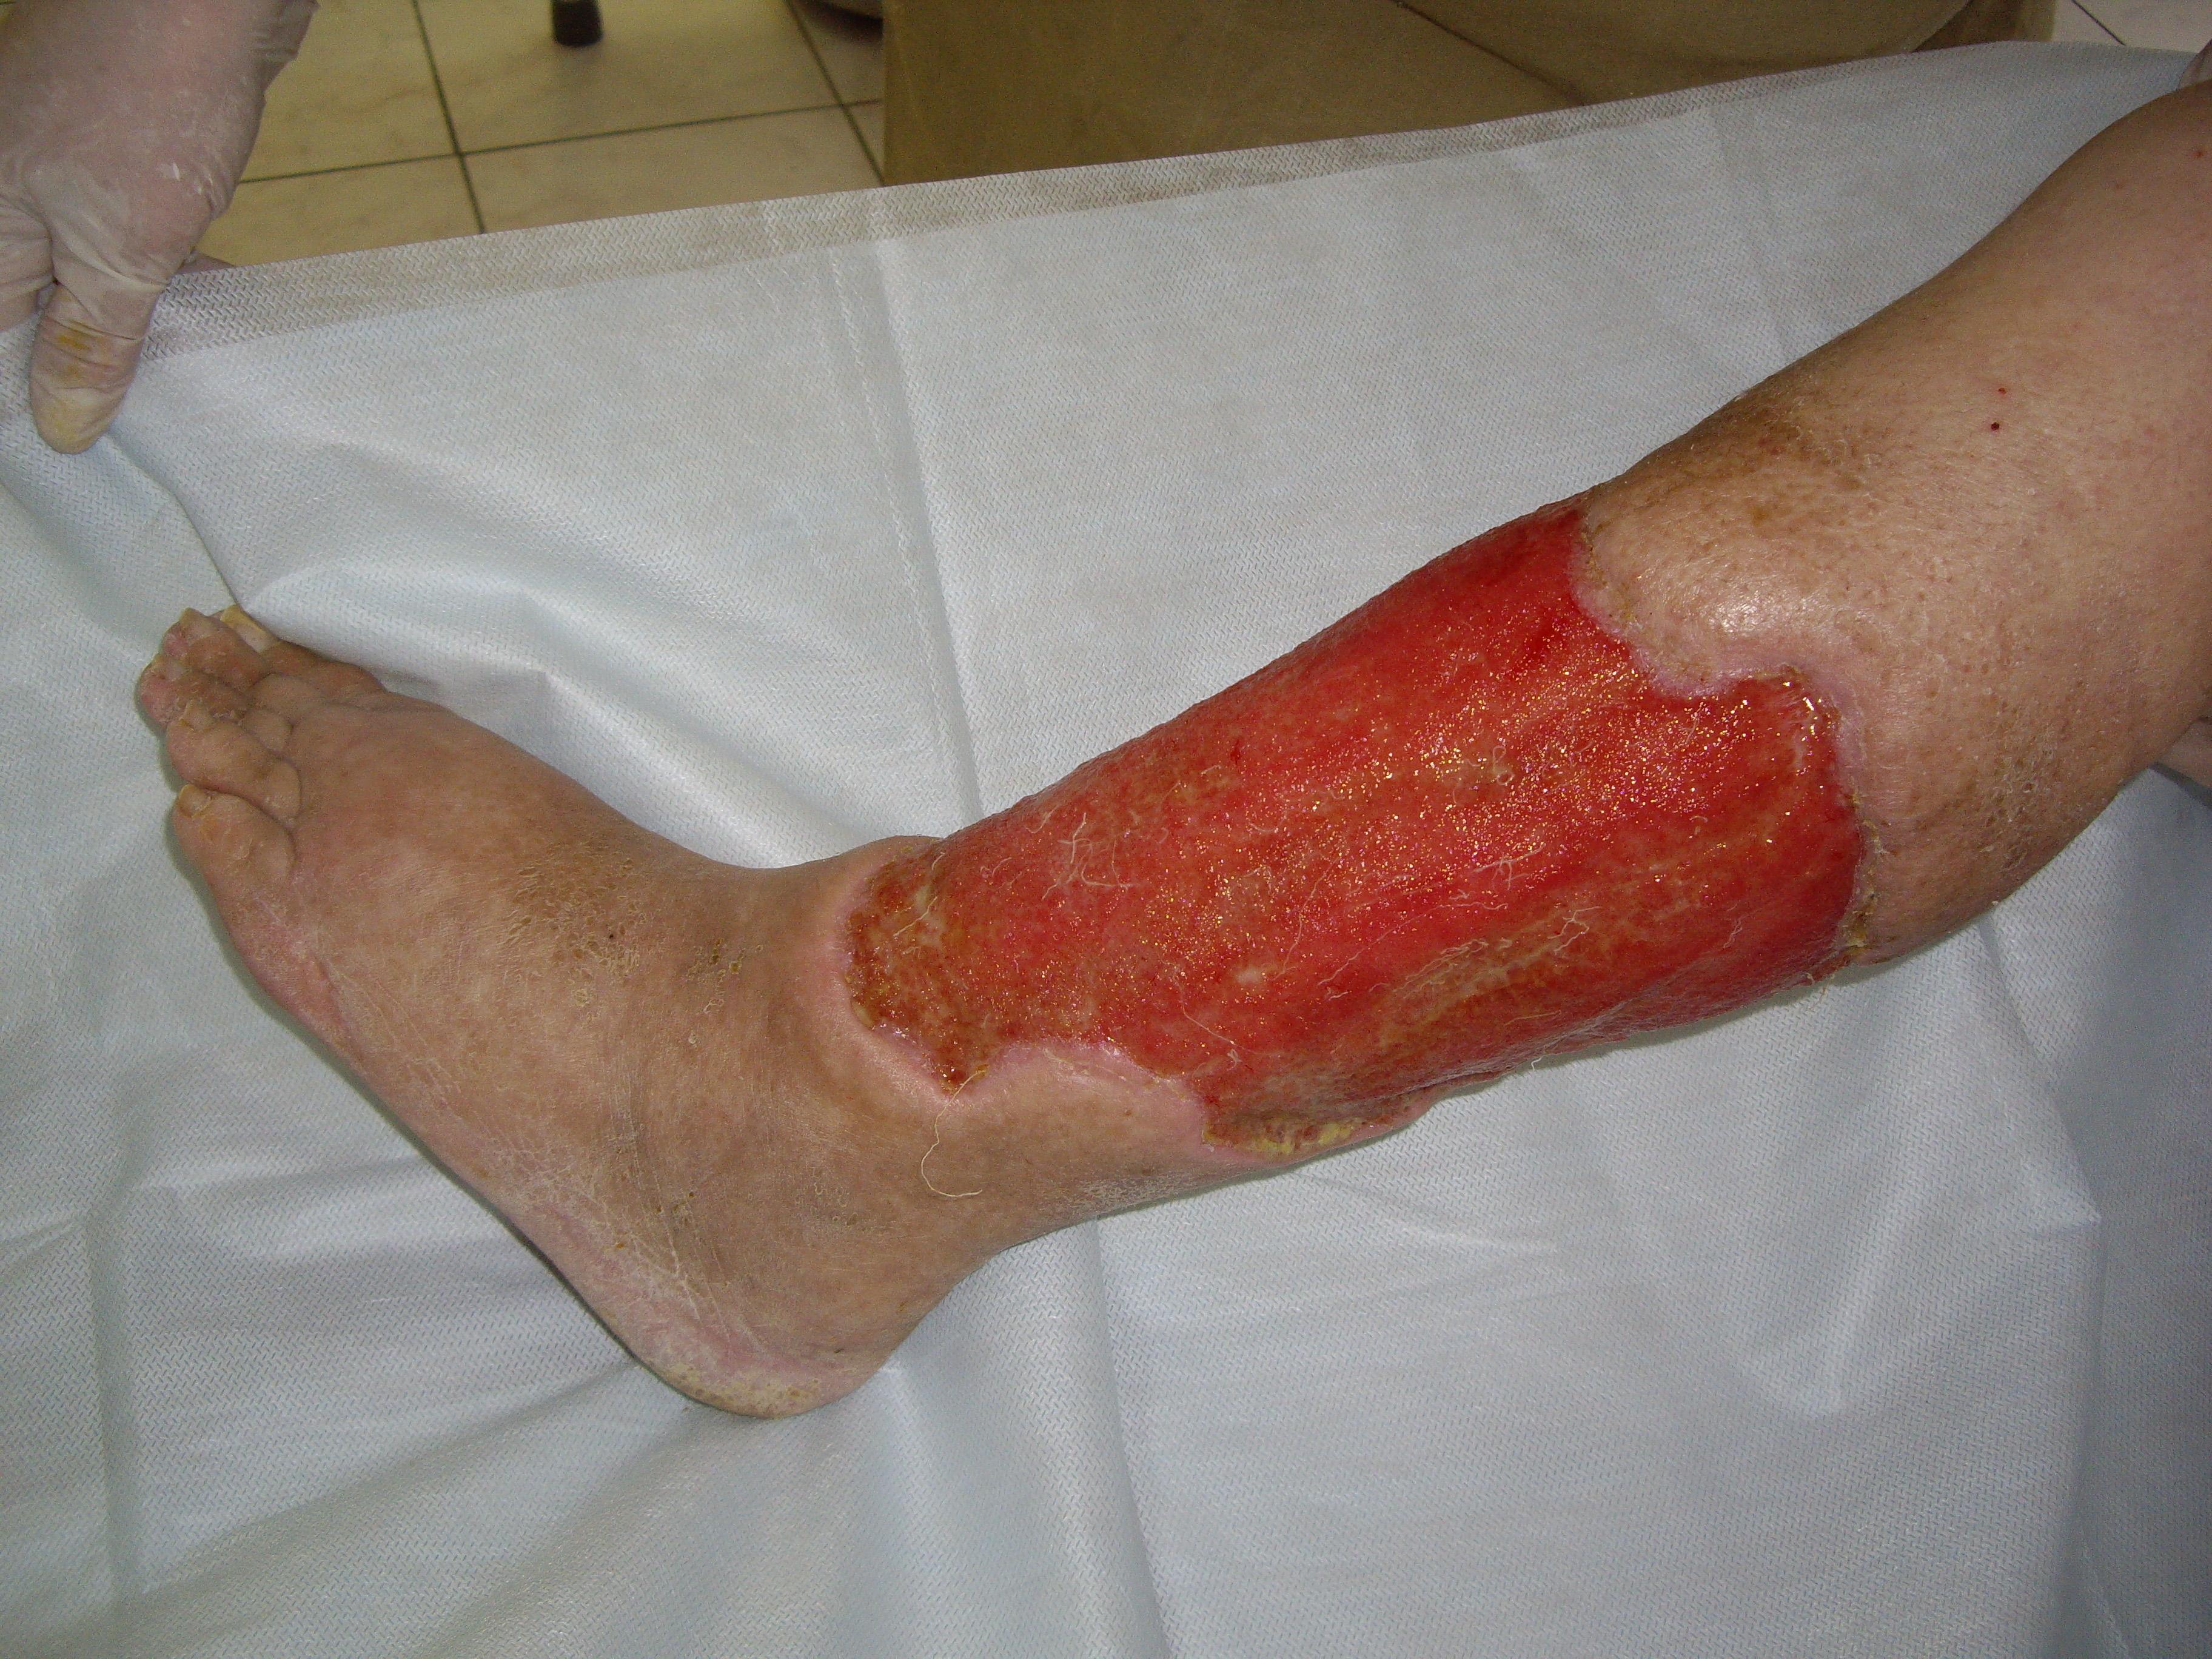 Рожа на ноге: симптомы, причины и лечение (+ фото)